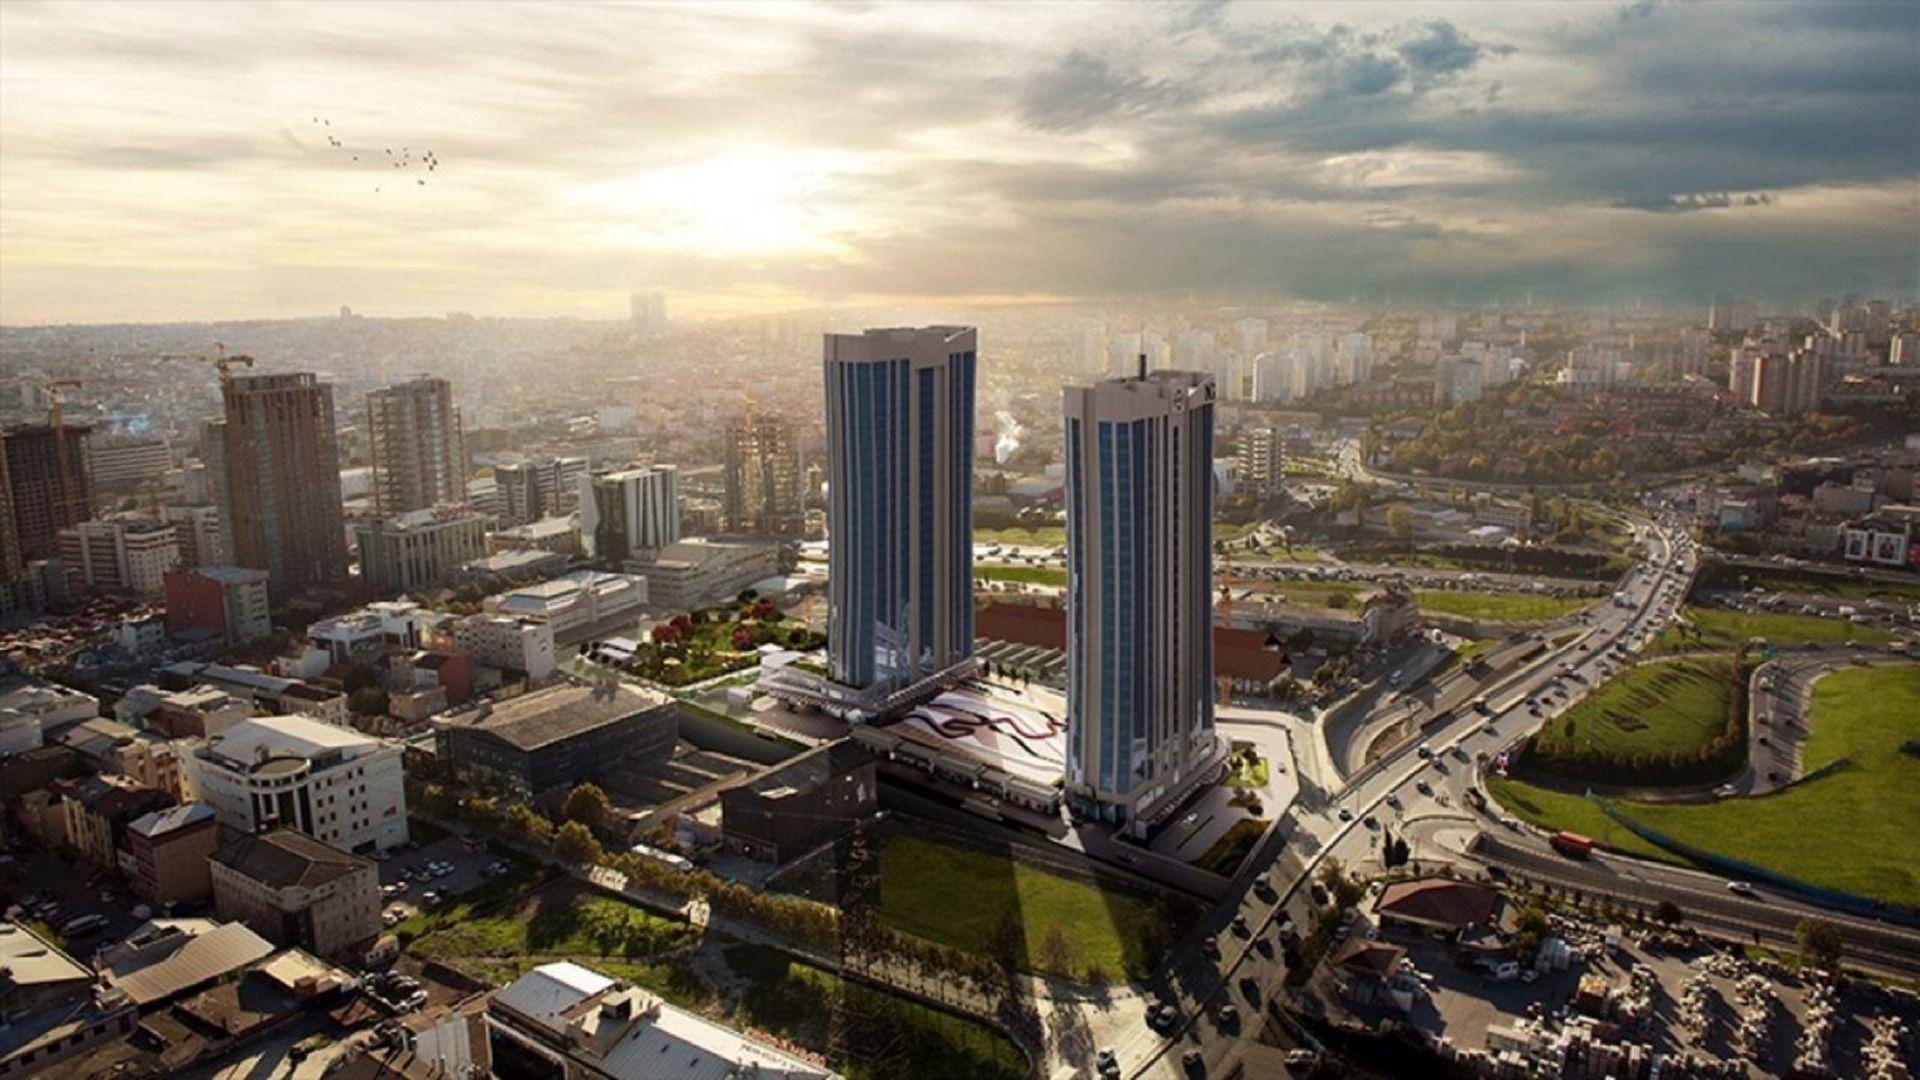 افضل منطقة لشراء شقة في اسطنبول بالتفاصيل و الاسعار